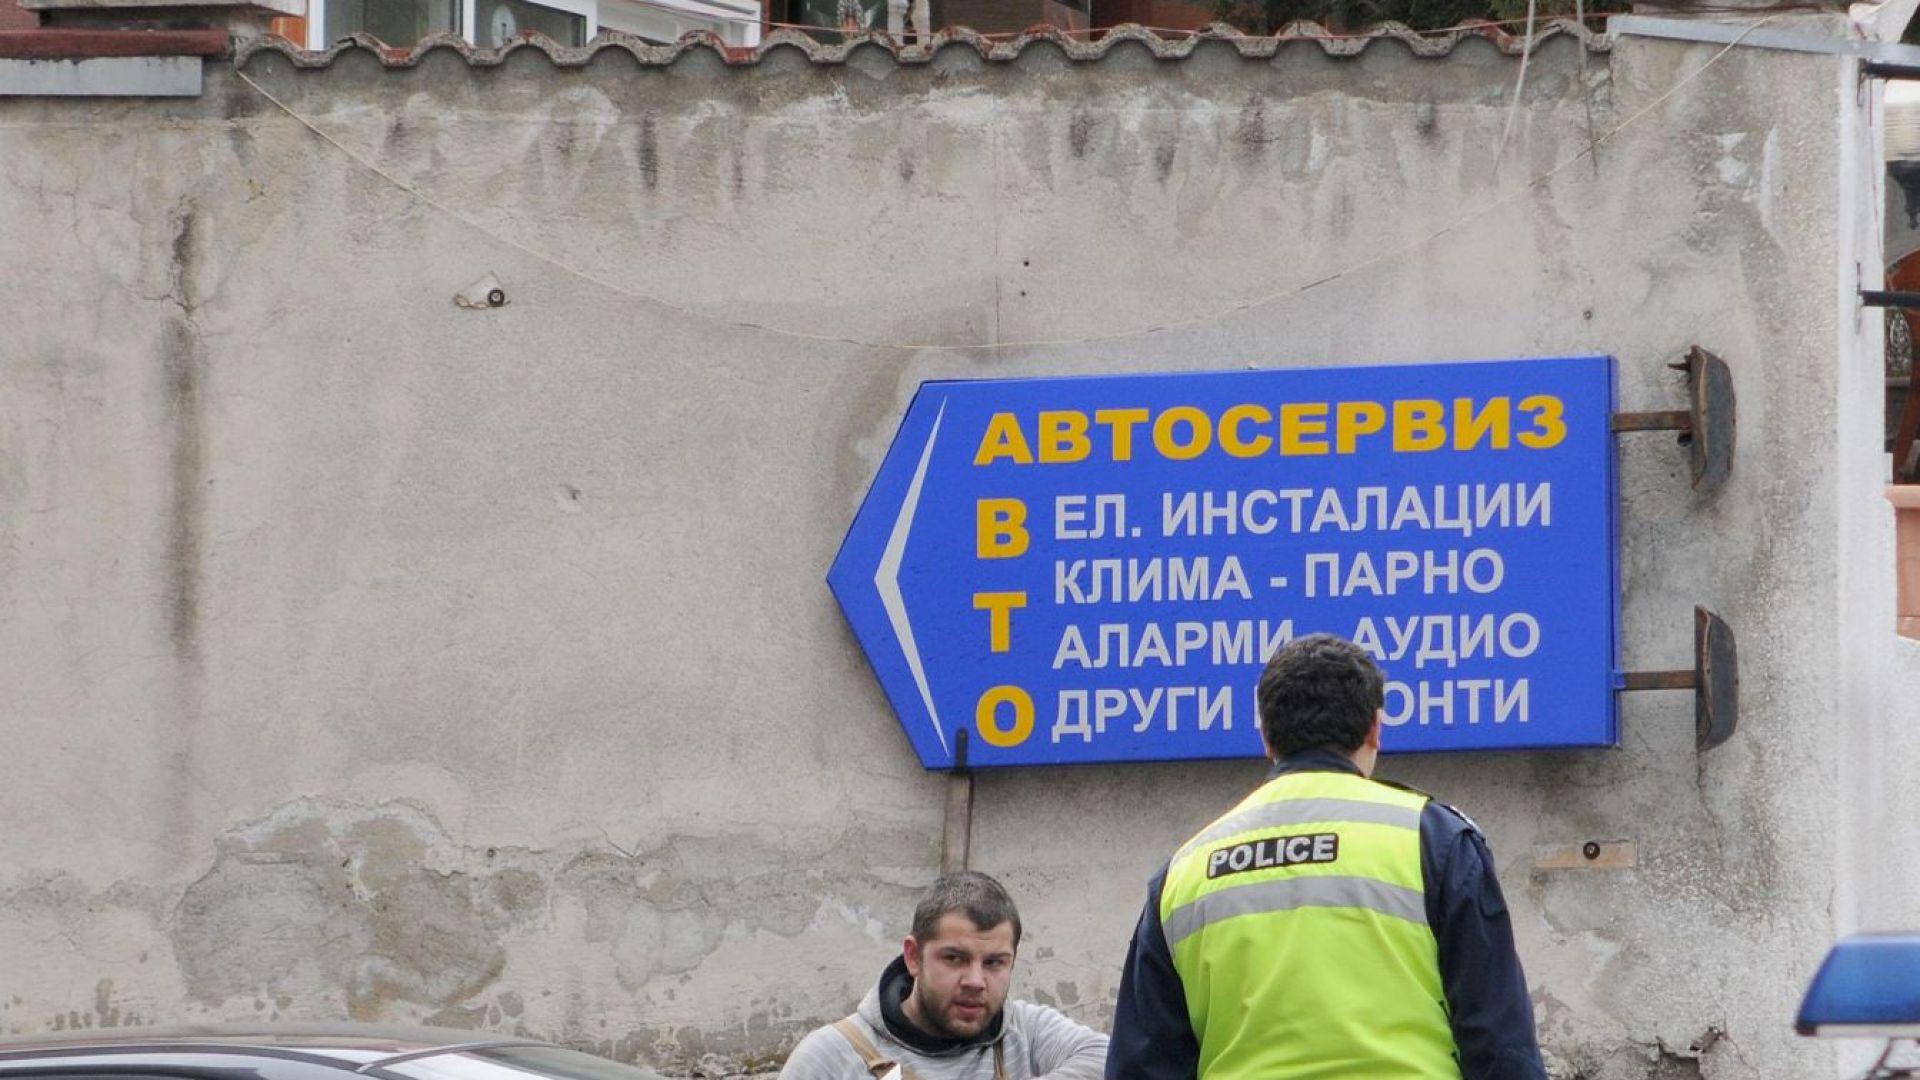 Автосервизите минават на регистрационен режим